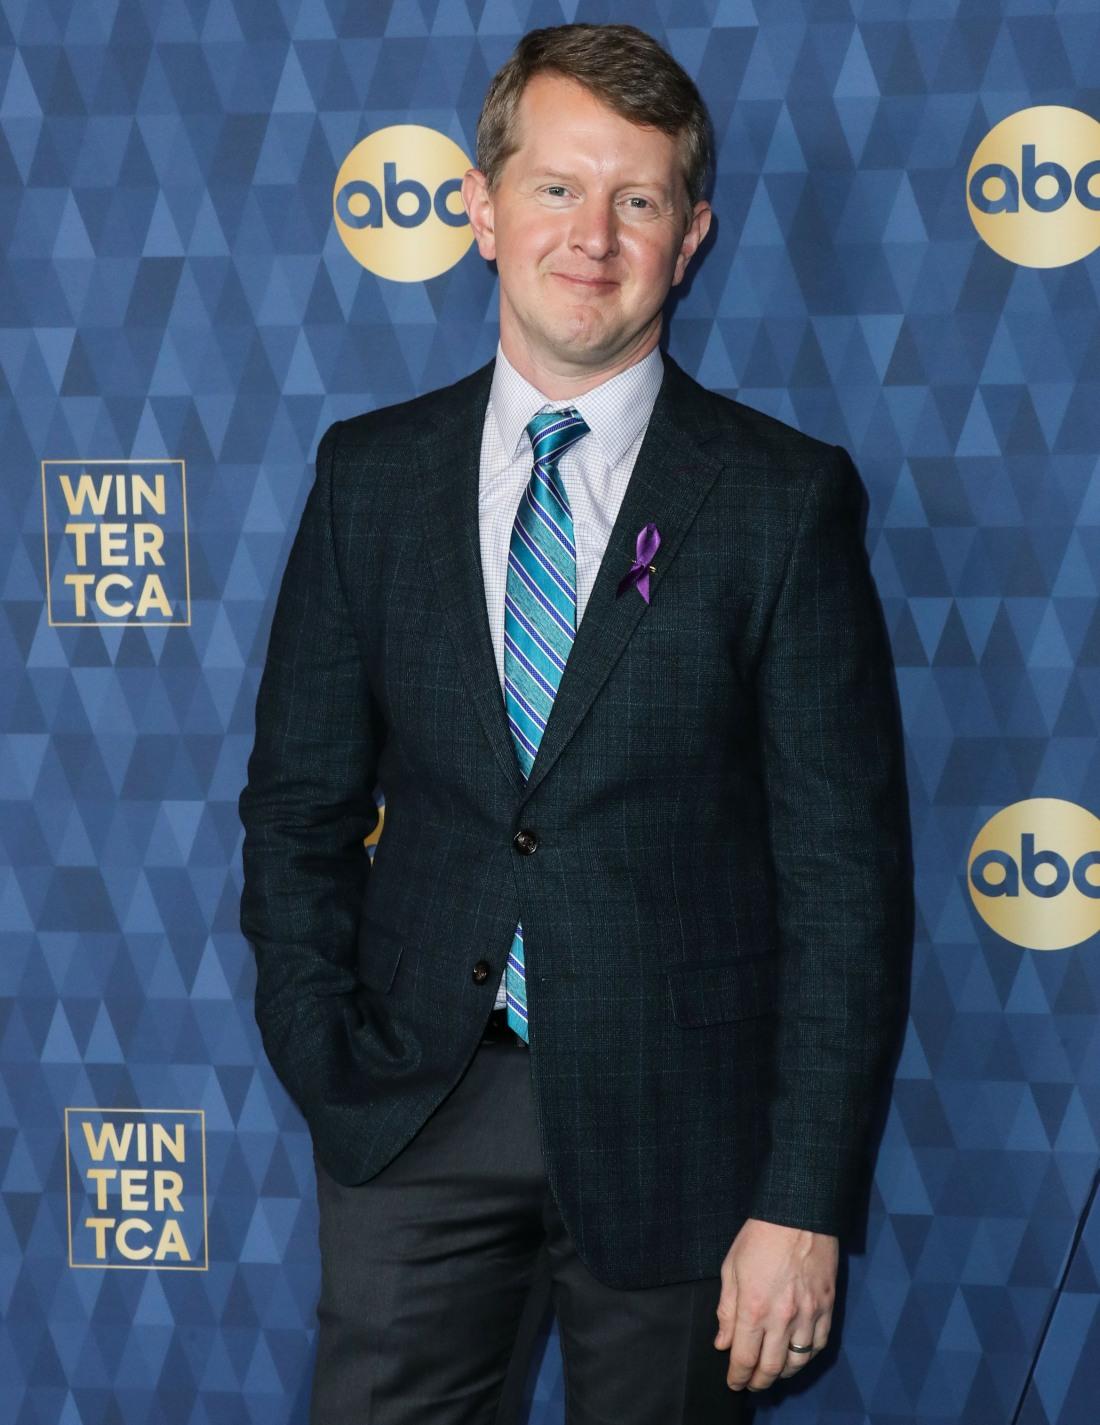 ABC Television's TCA Winter Press Tour 2020